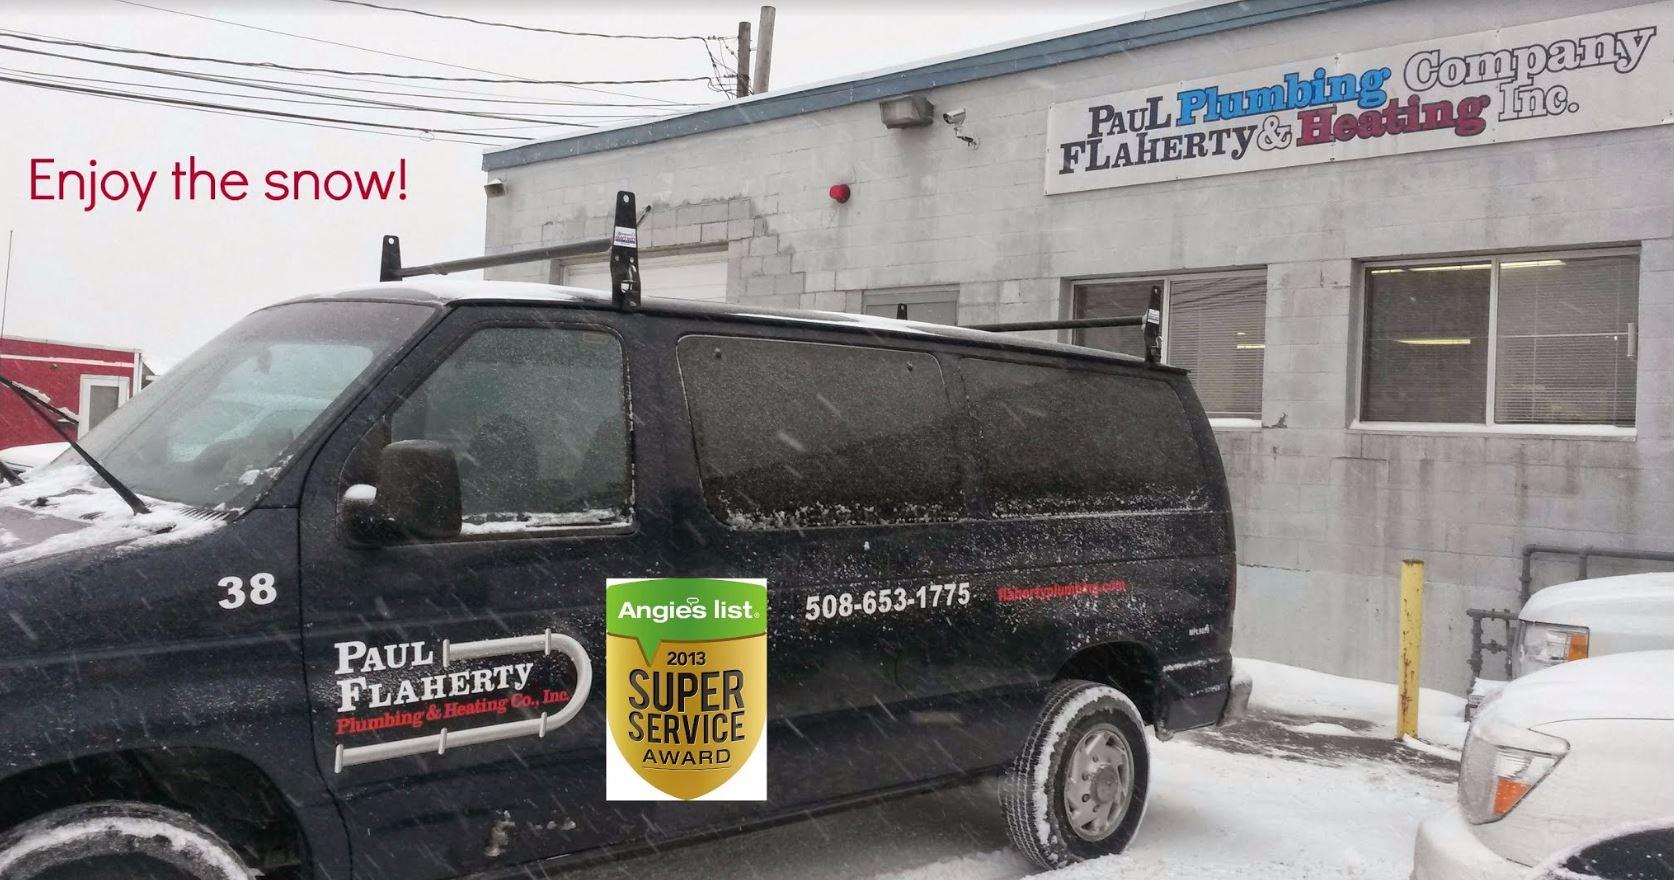 Paul Flaherty Plumbing & Heating Co., Inc. image 21